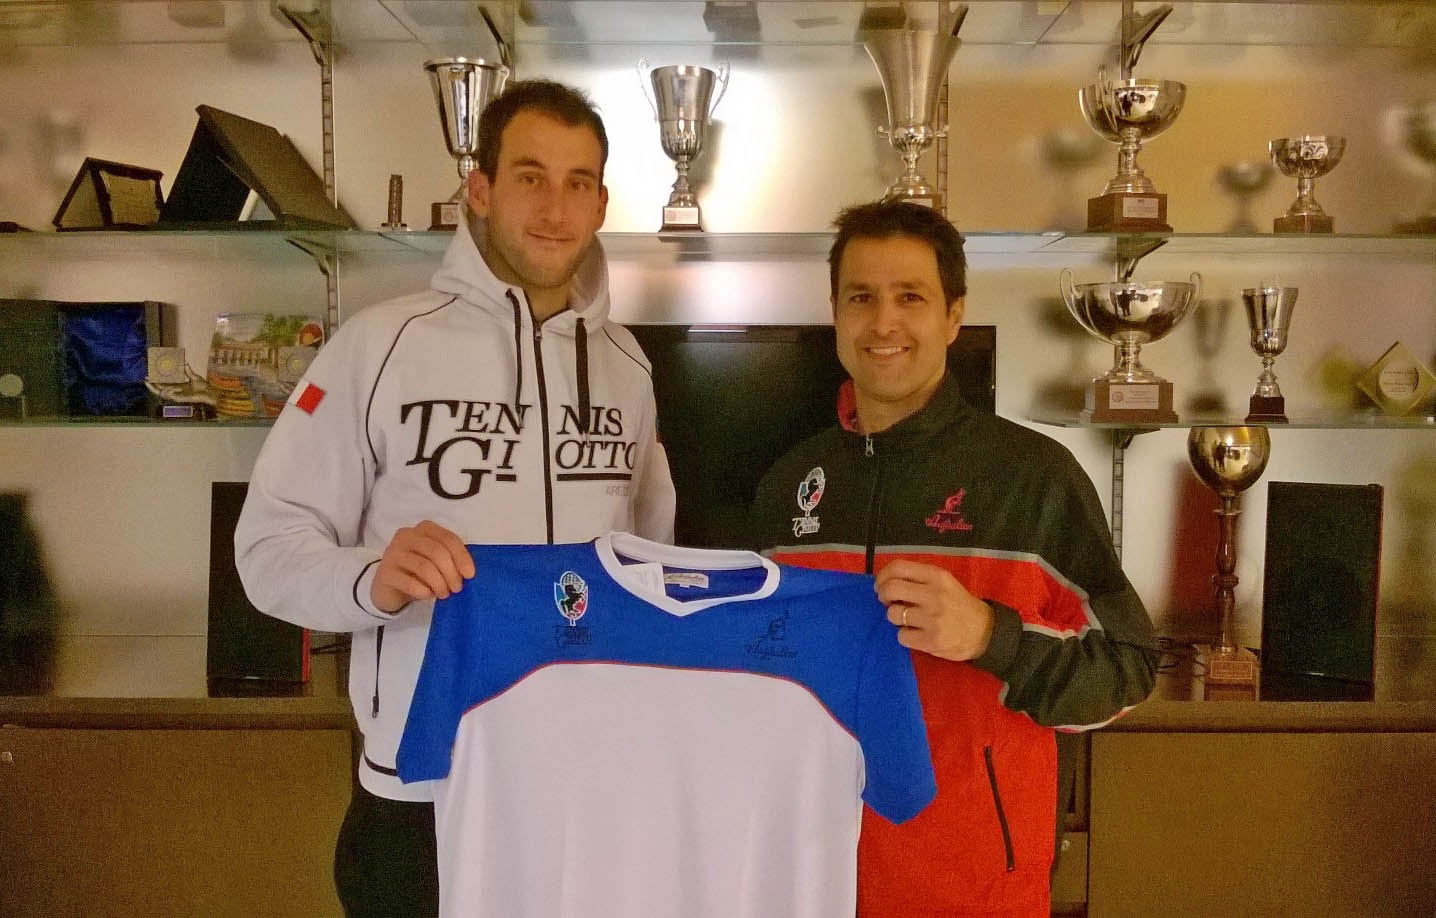 Luca Vanni torna al CT Giotto